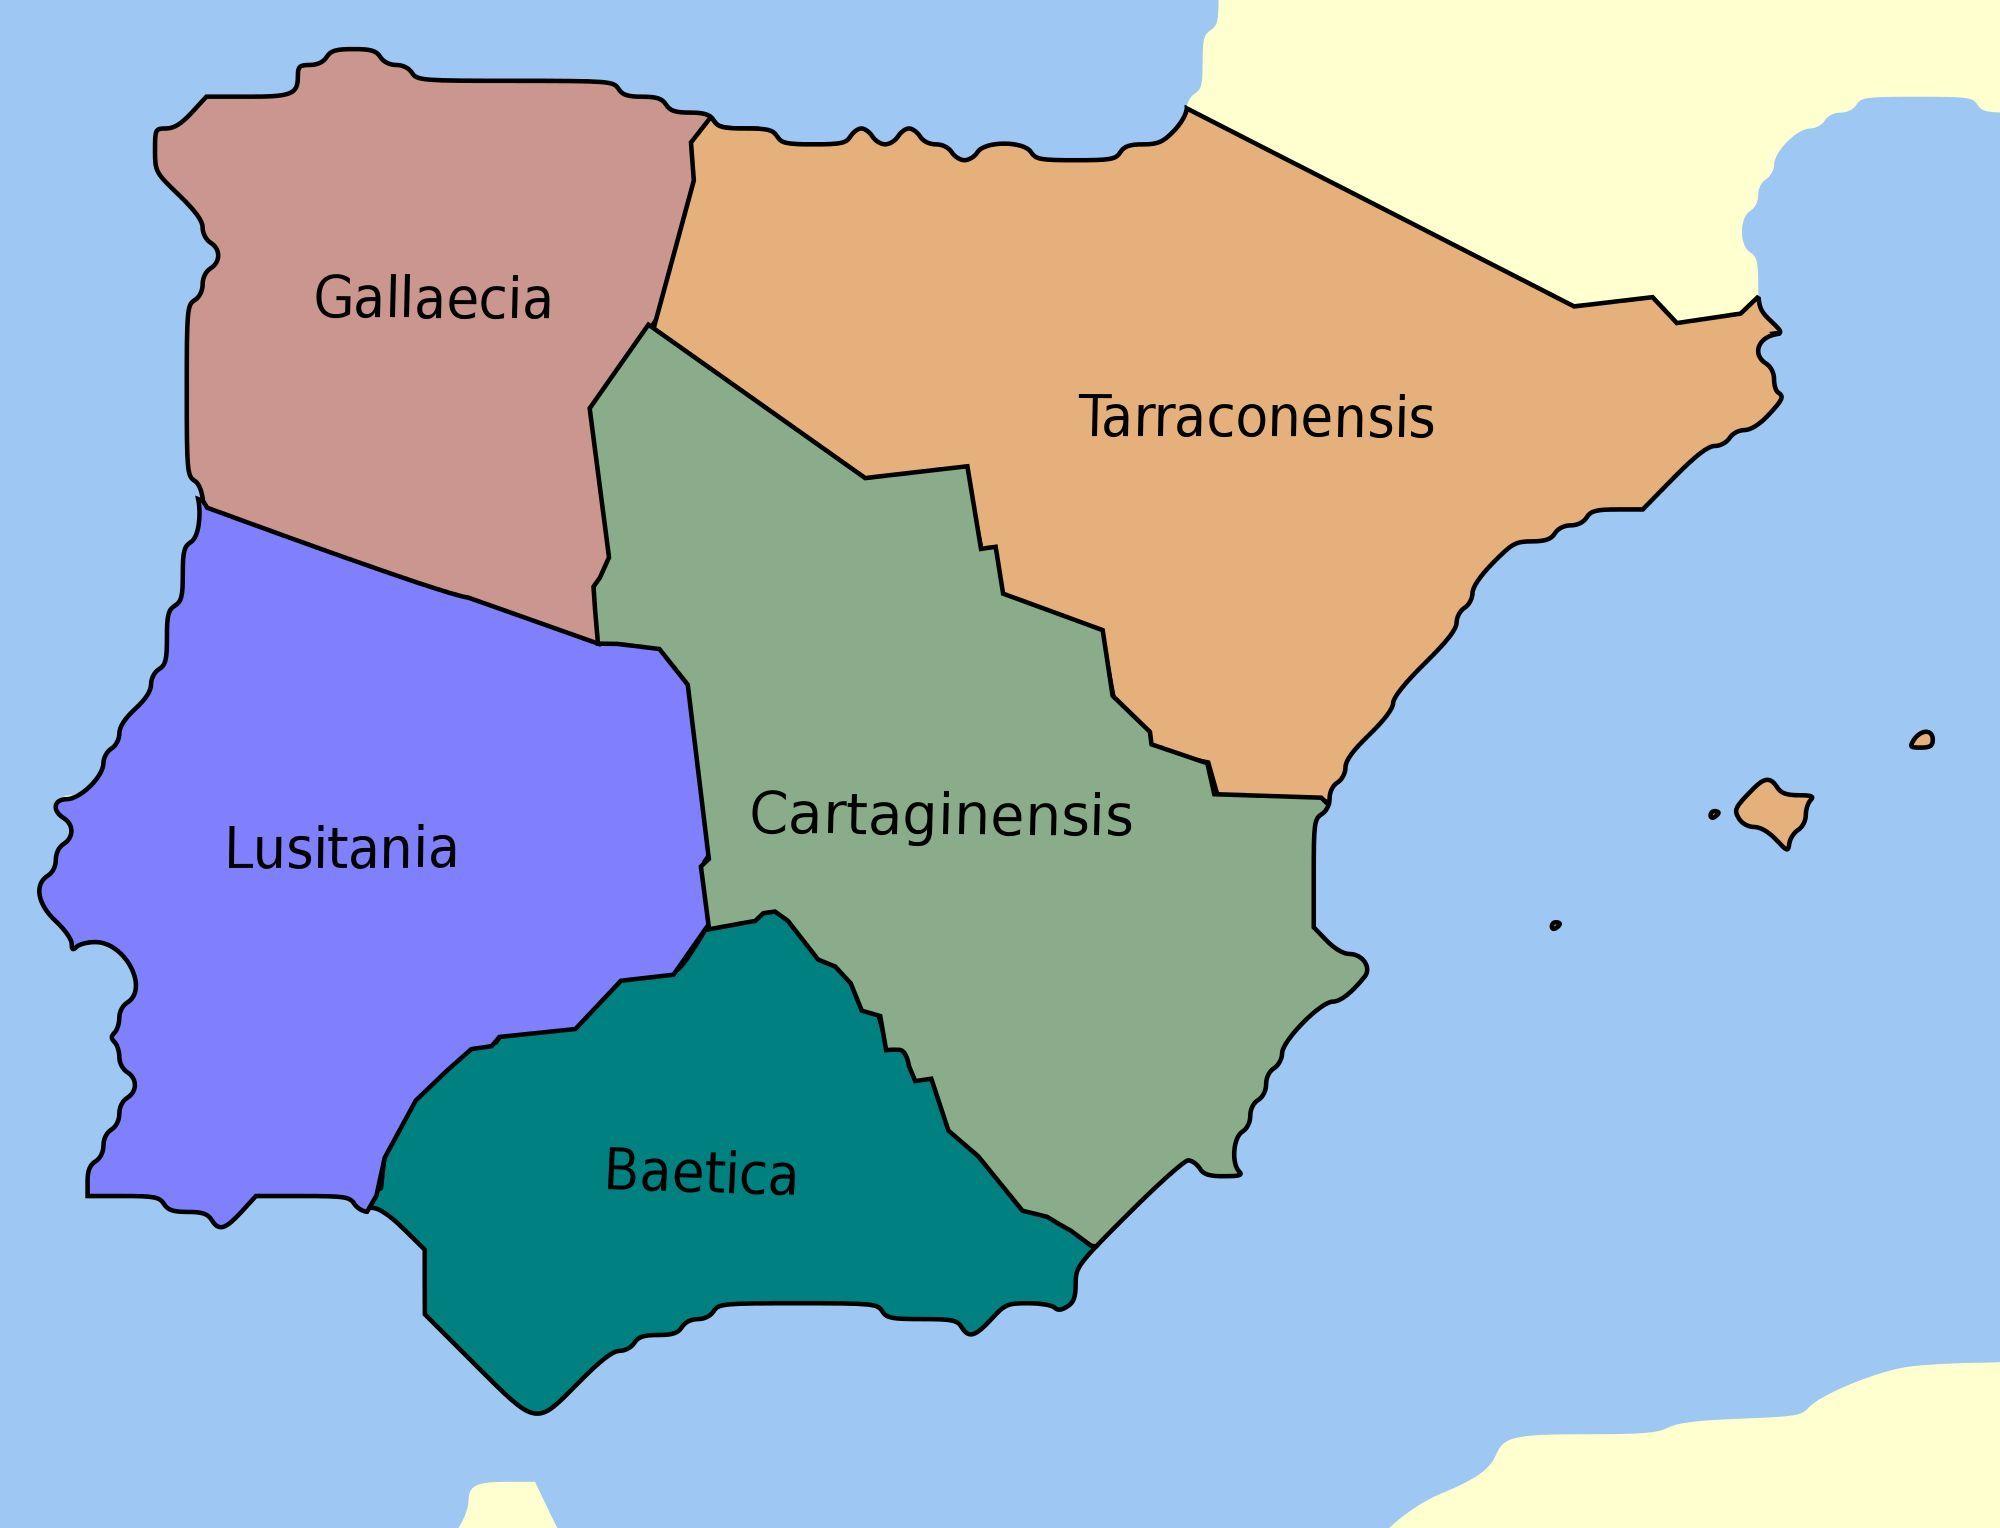 ¿Cuál era el nombre de la península Ibérica en latín?